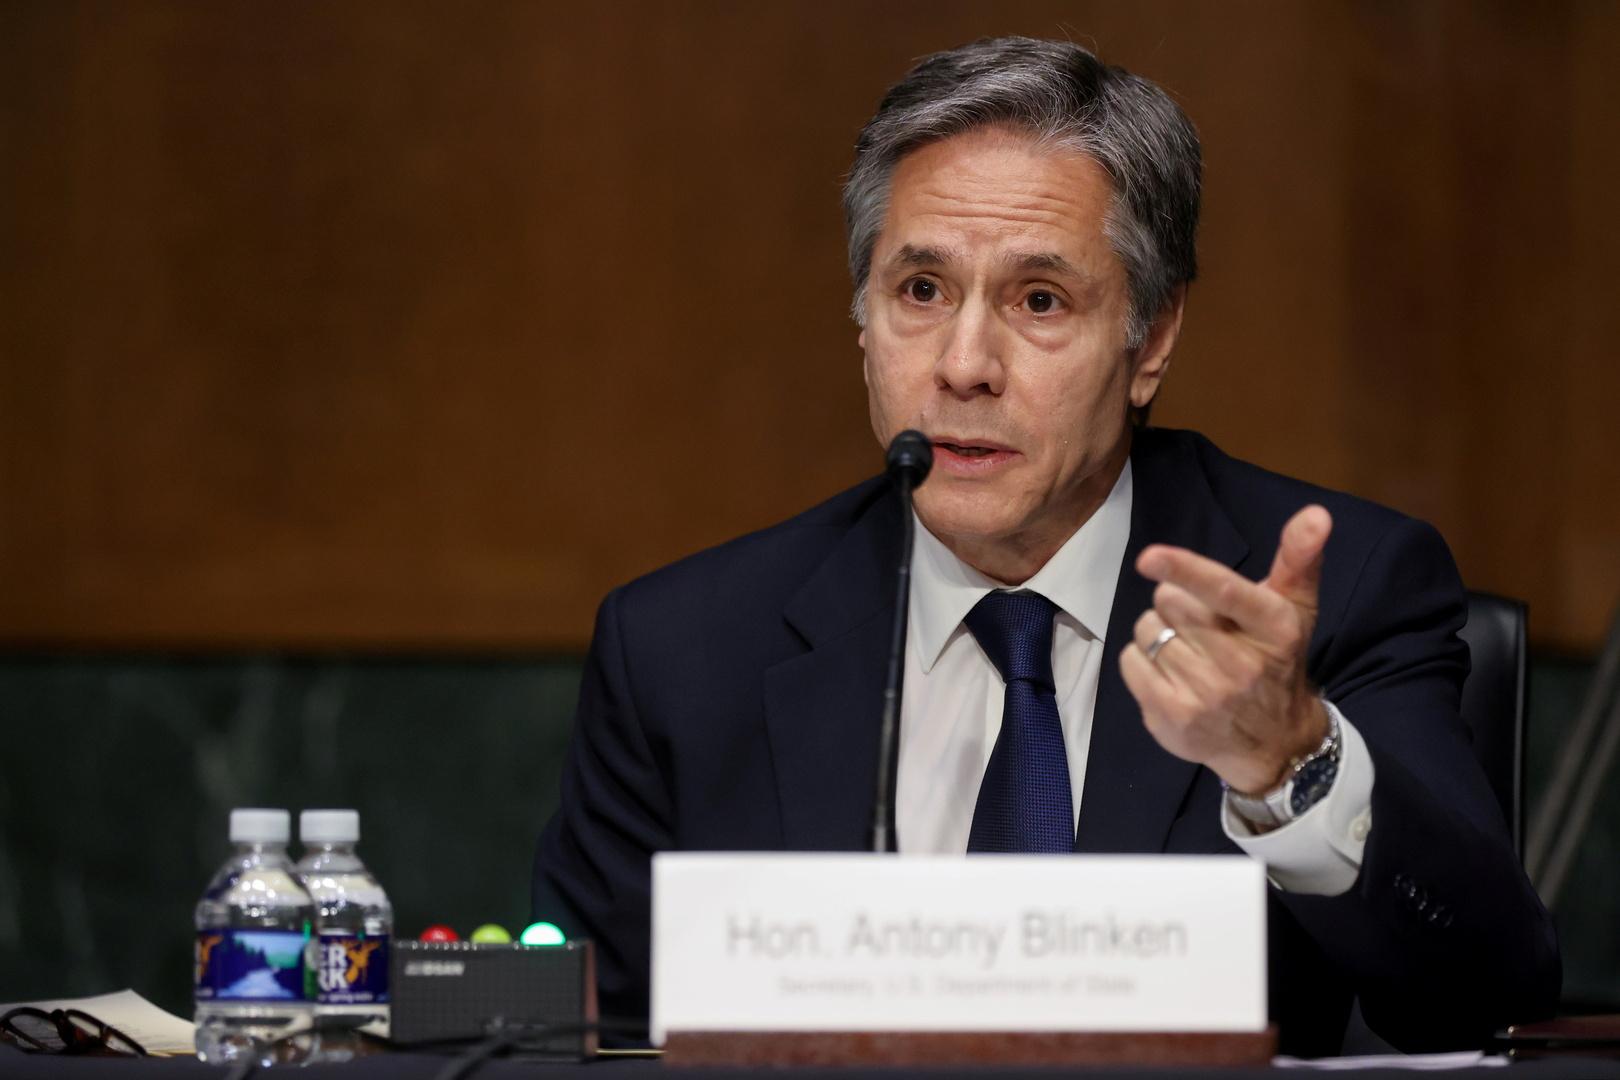 بلينكن: إيران تسرع تخصيب اليورانيوم ويجب النظر عاجلا في قدرتنا على إعادتها للاتفاق